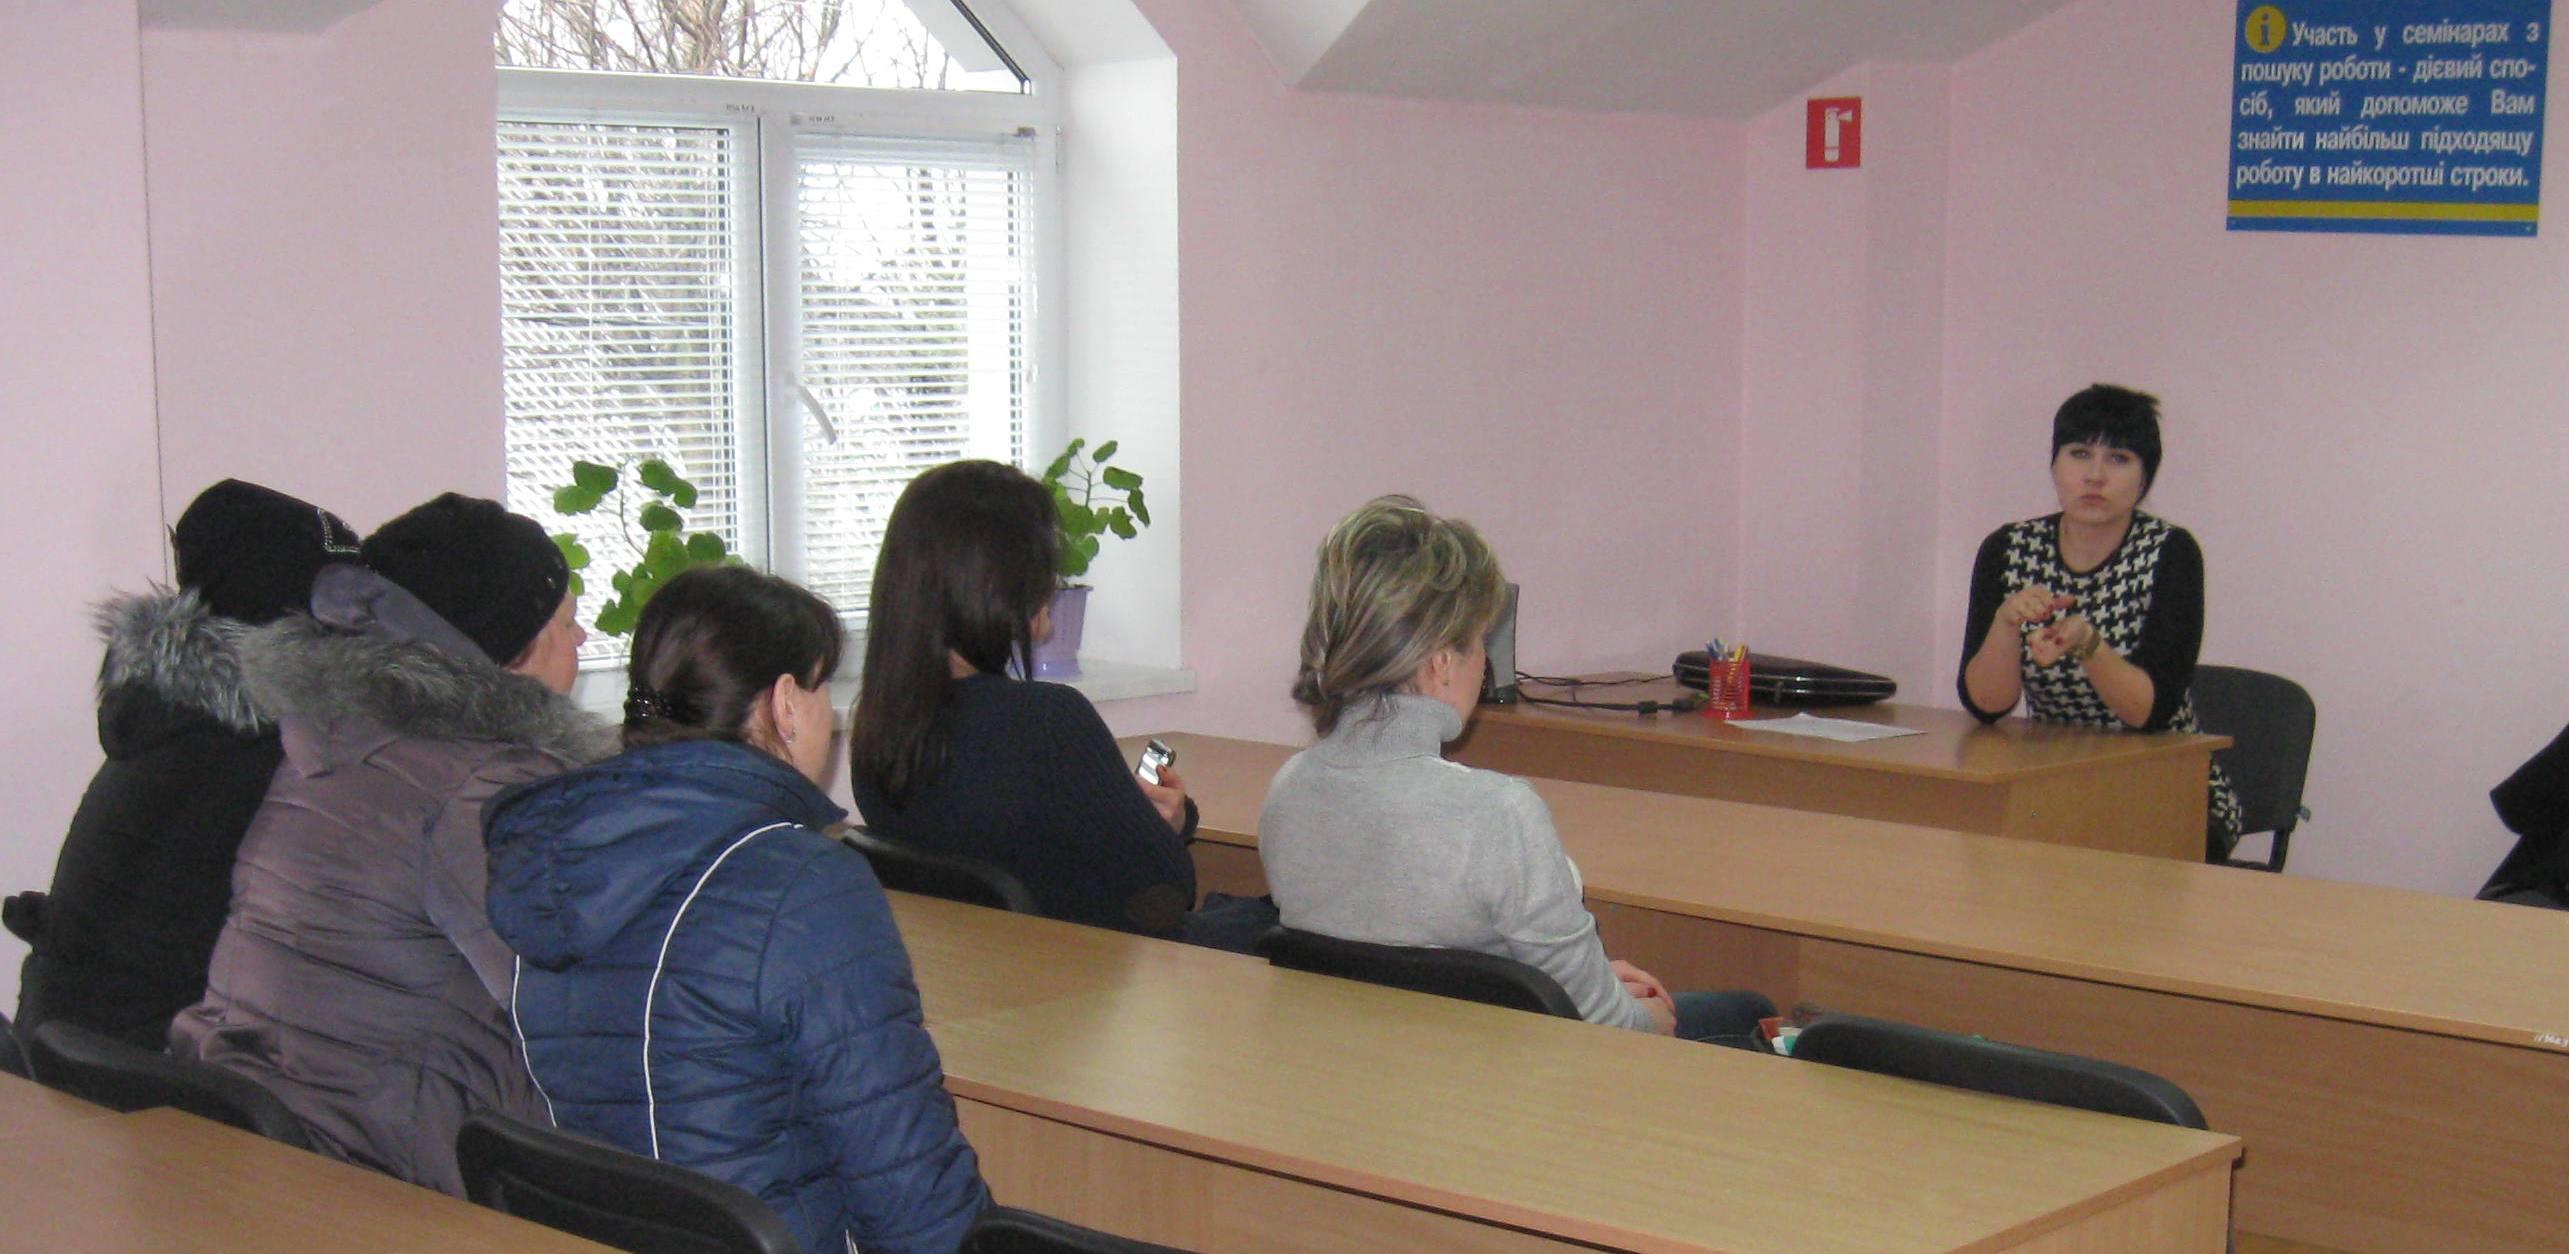 Оржиця, райрада, ГО, Небайдужі жінки Донбасу, переселенці